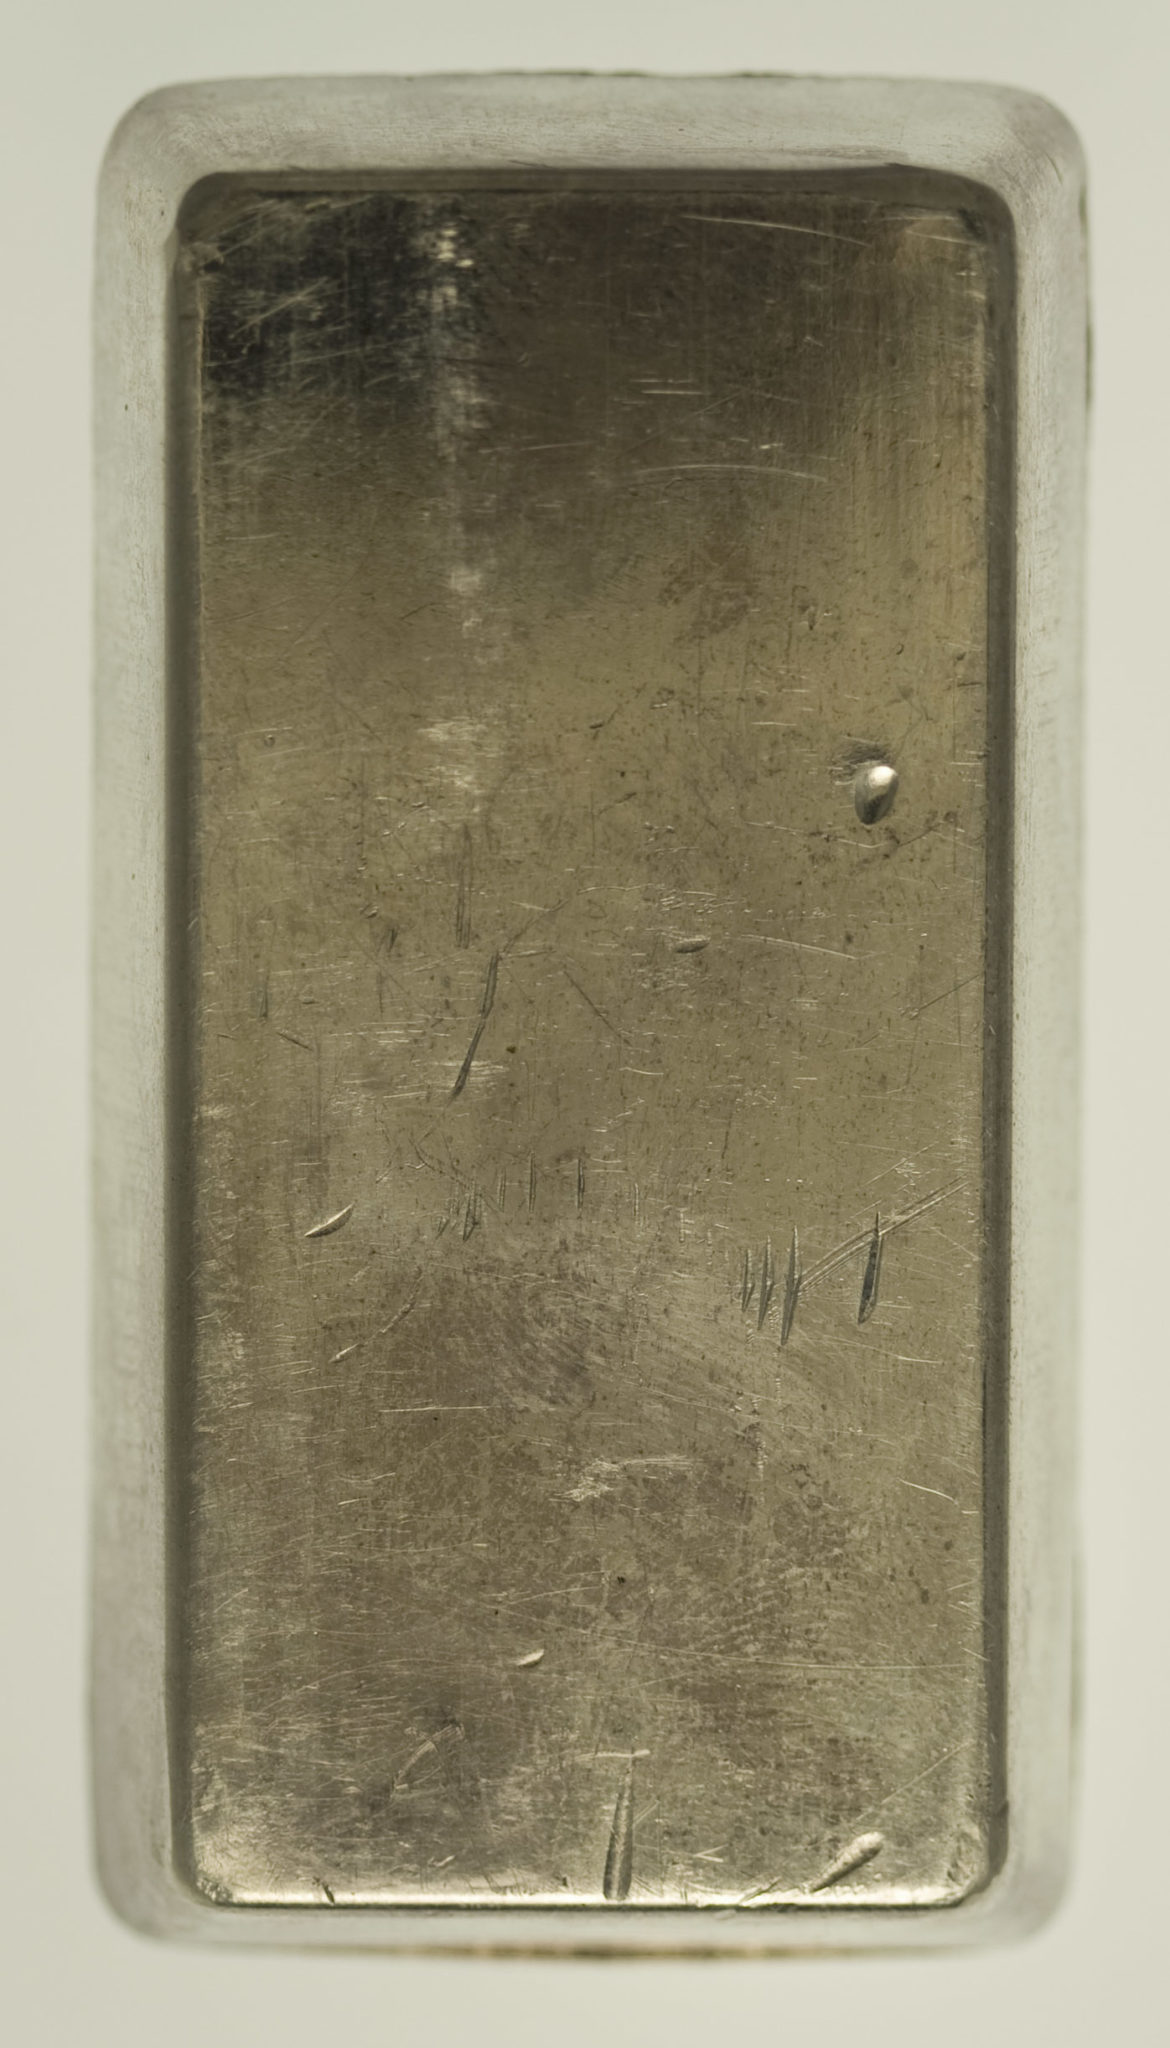 silberbarren - Silberbarren 250 Gramm Degussa